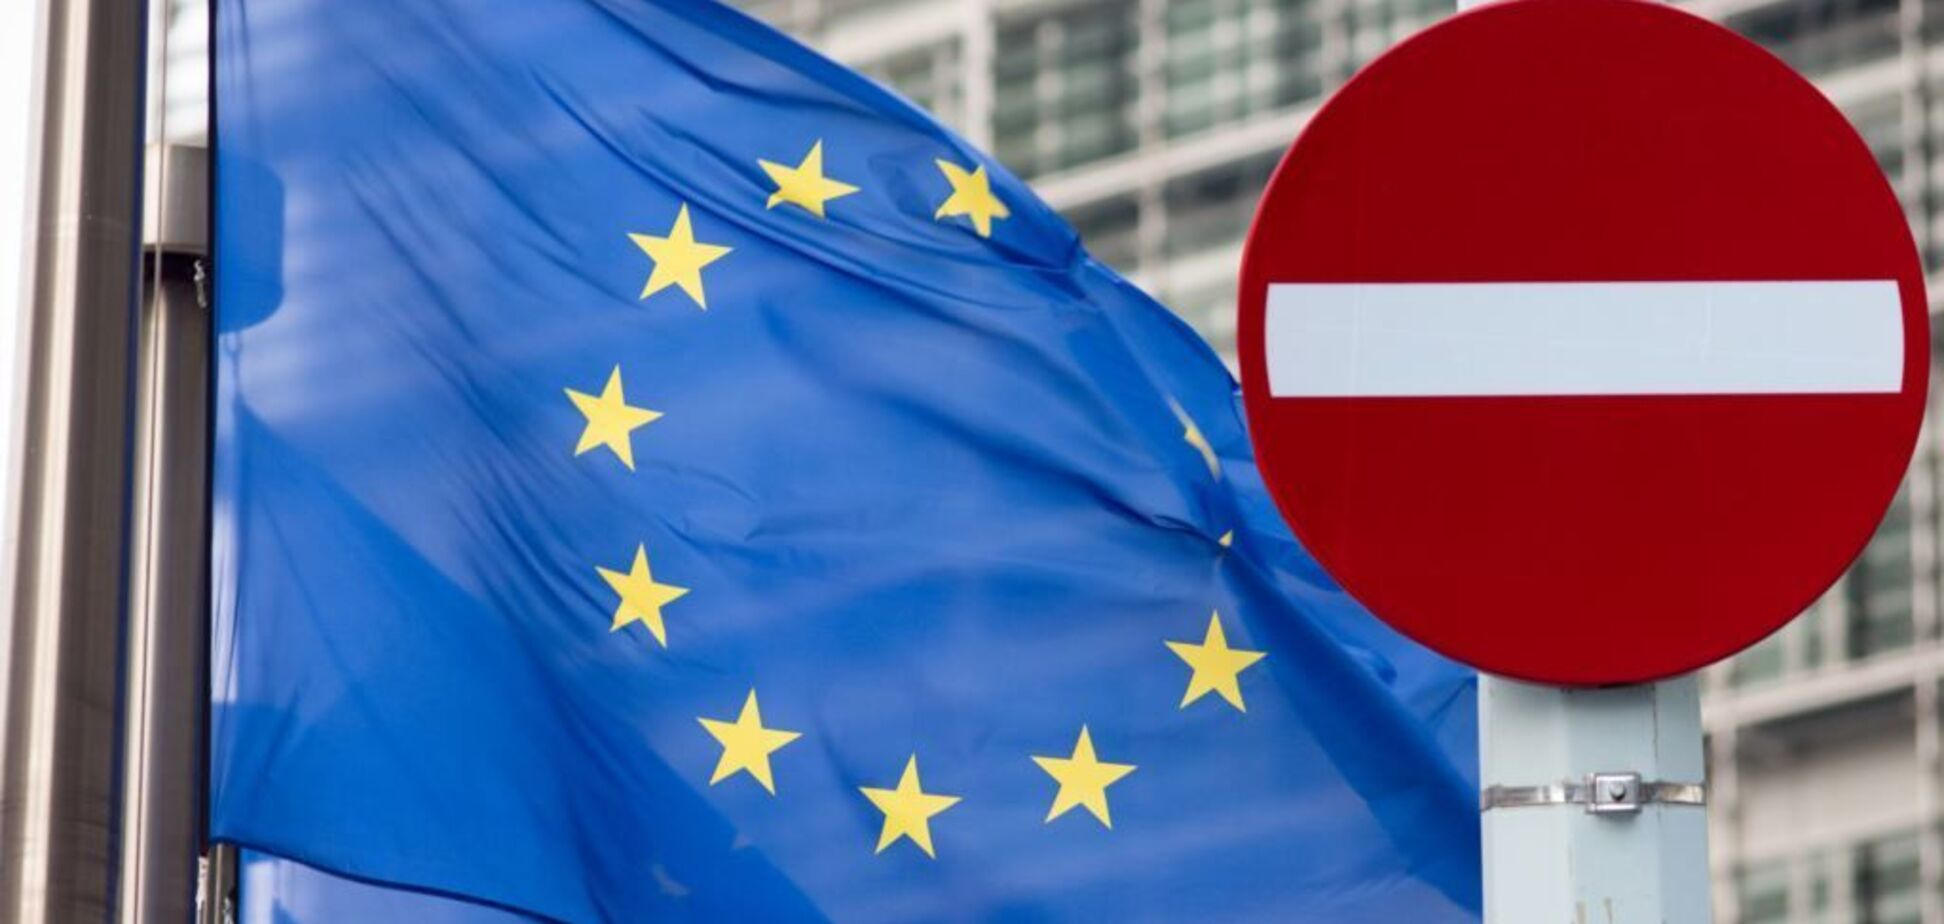 ЕС накажет причастных к 'выборам' на Донбассе: подробности санкционного удара